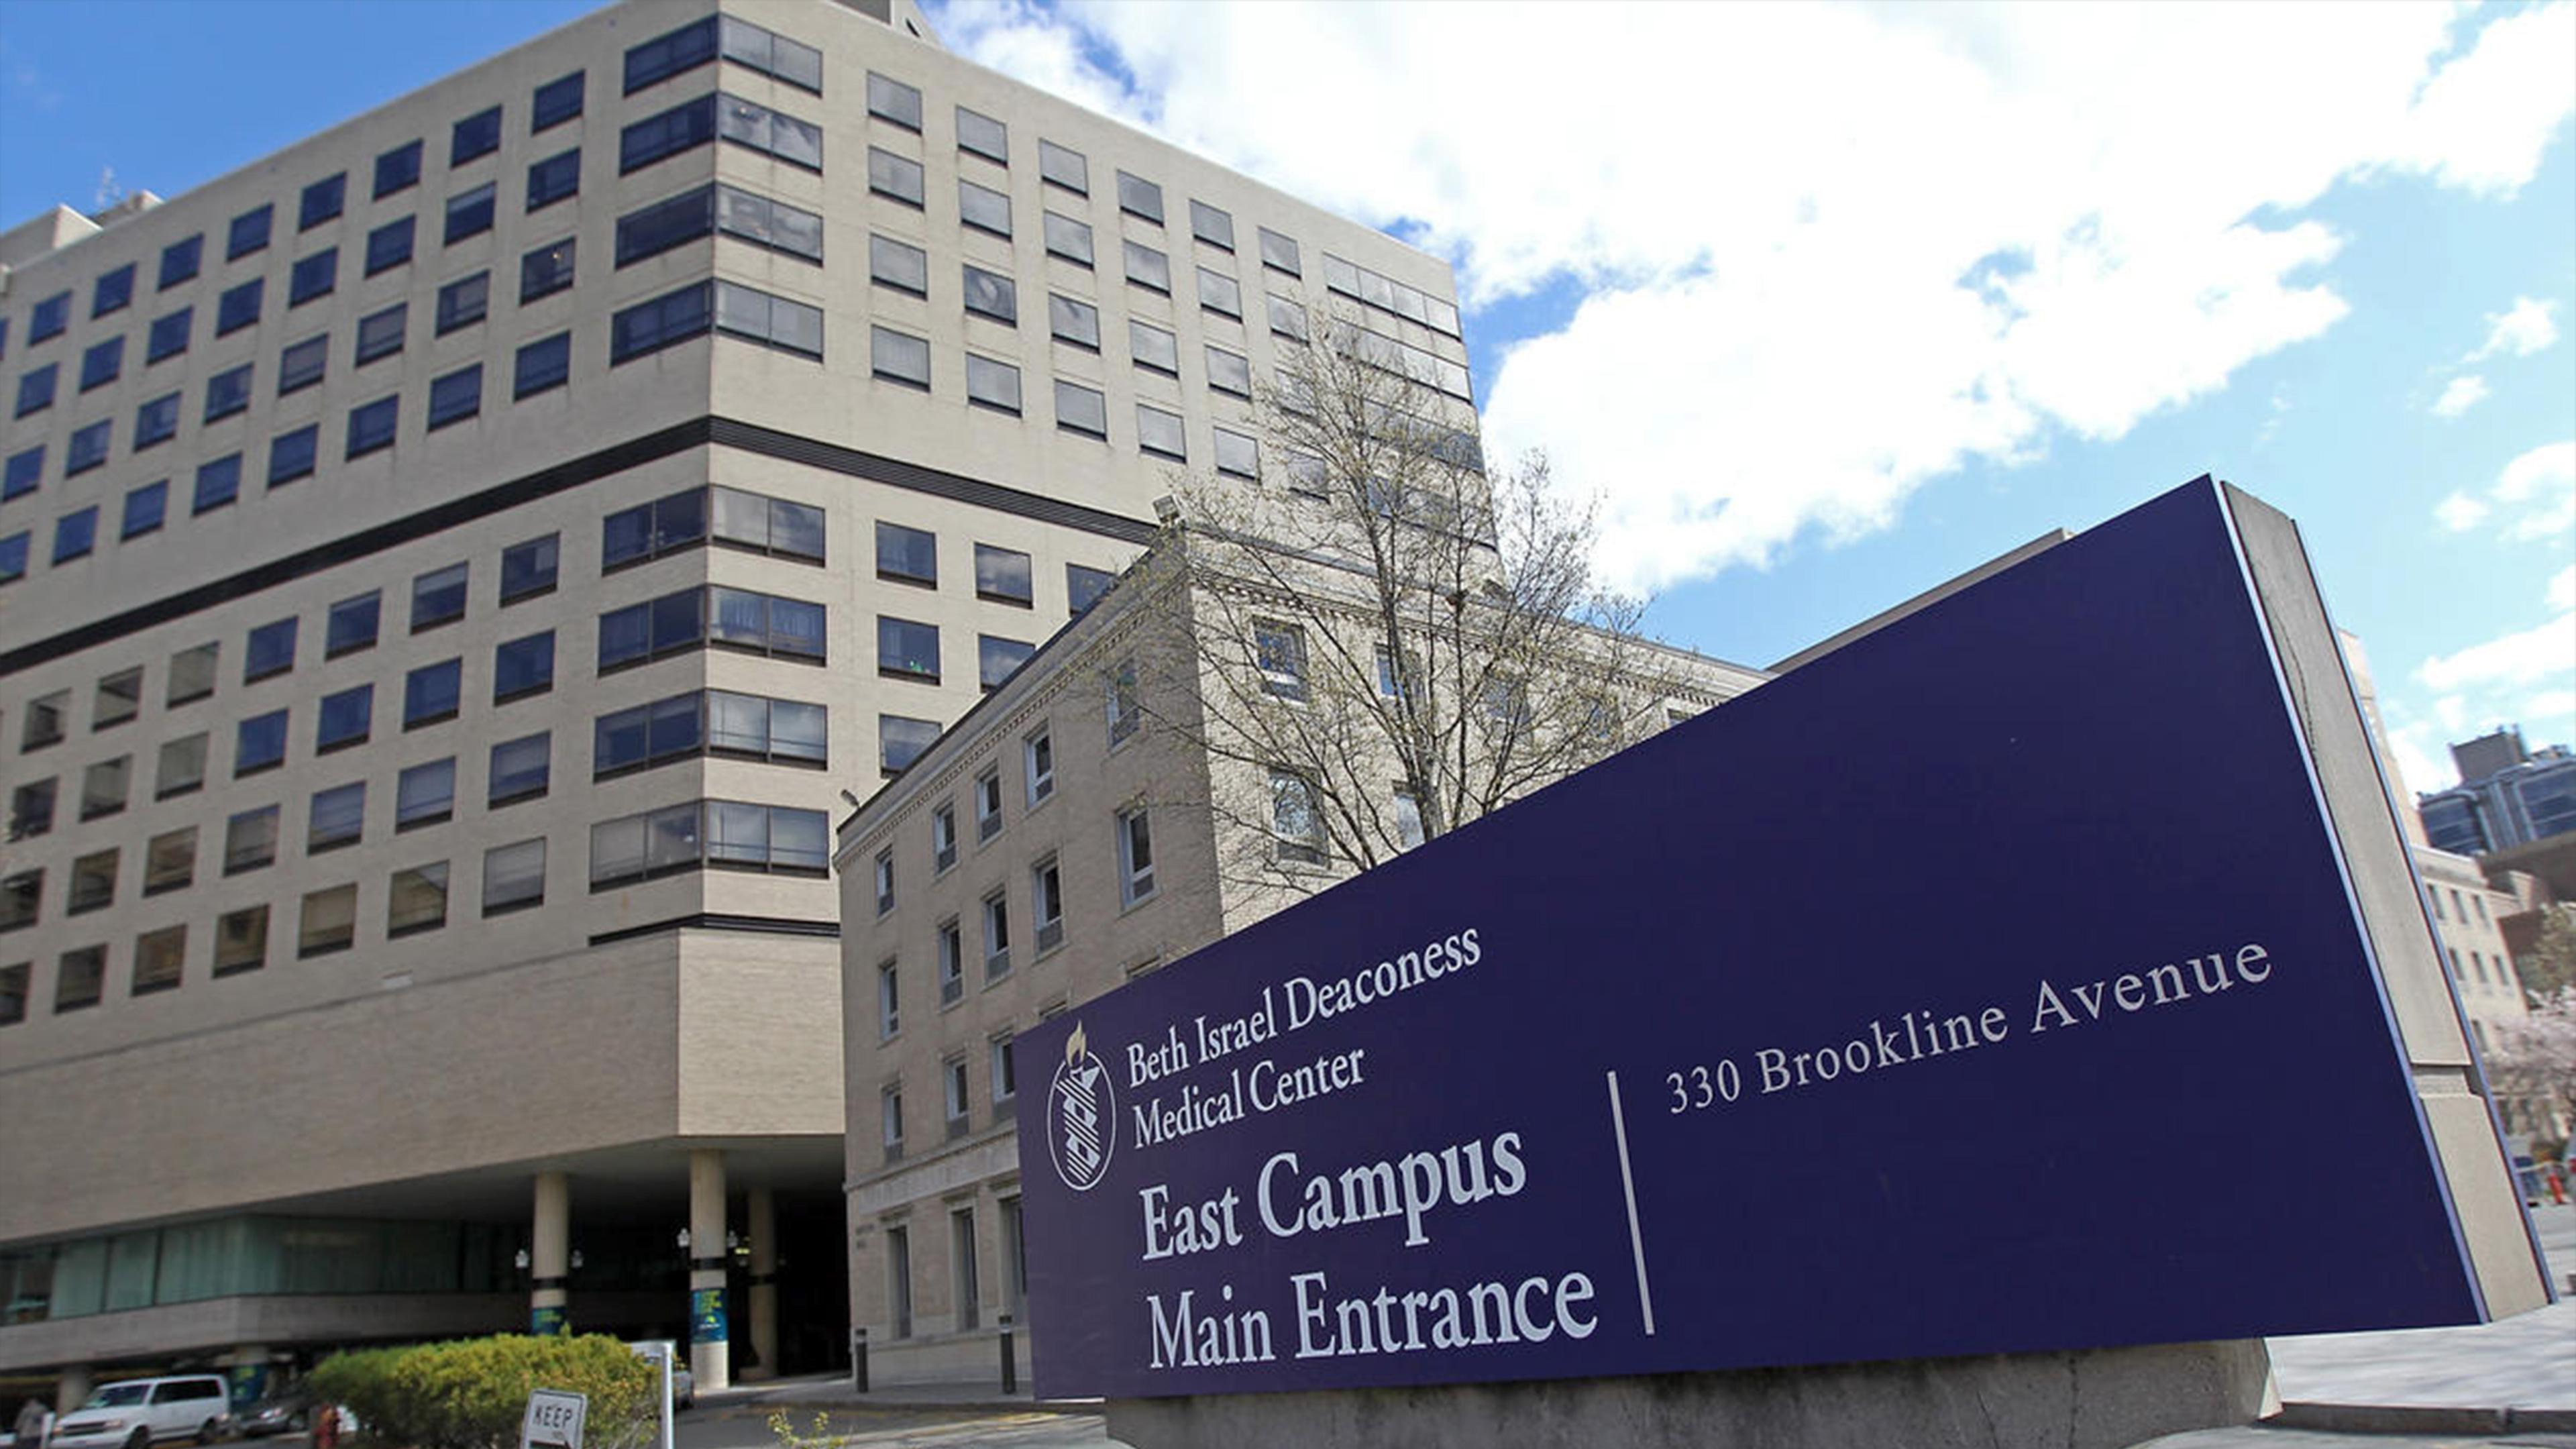 carl j  shapiro clinical center